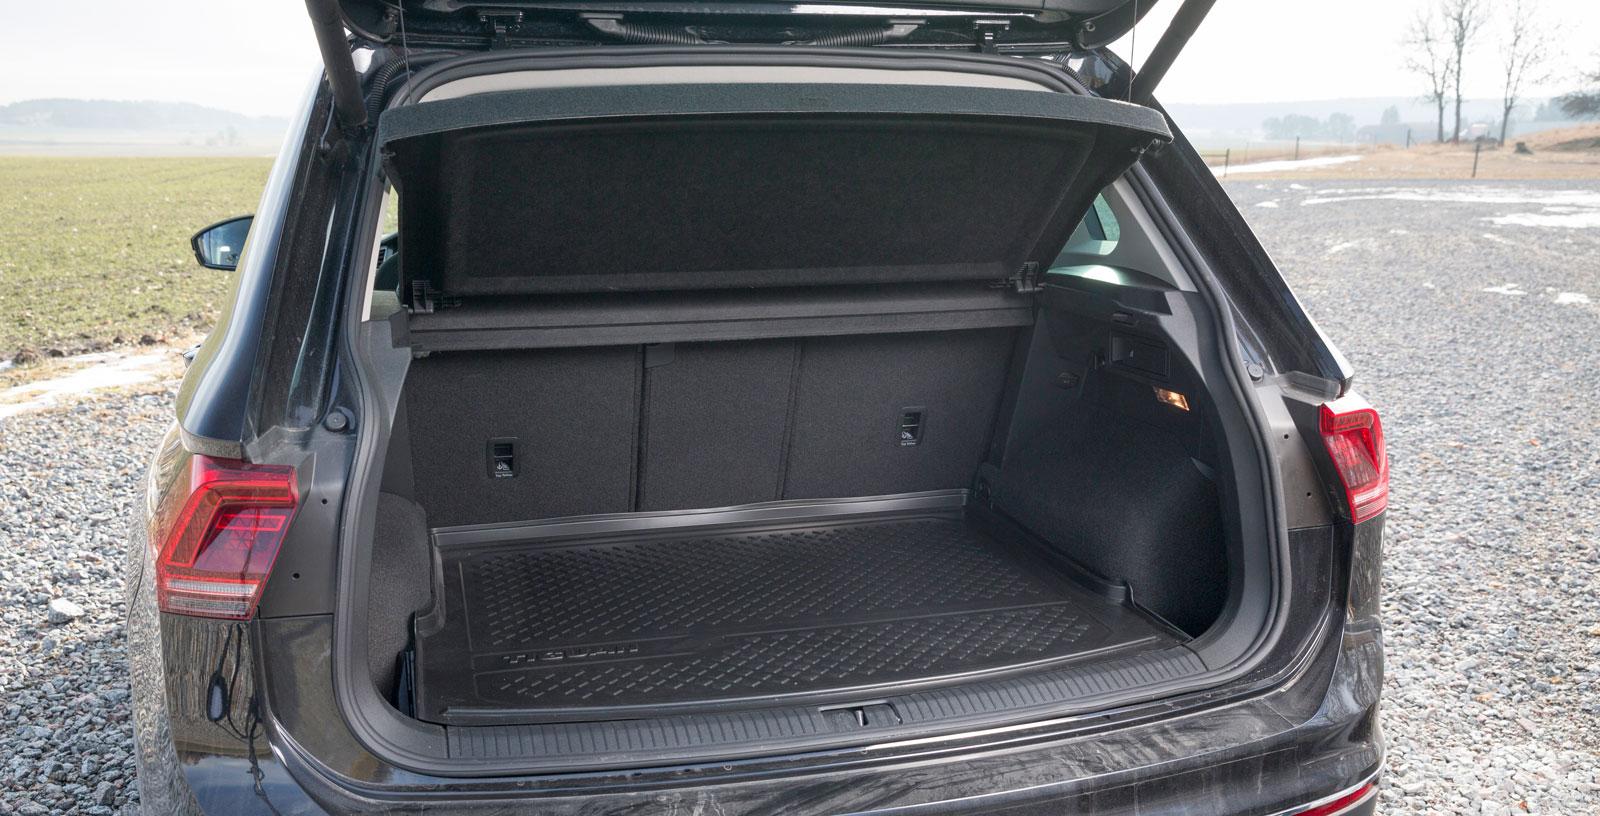 VW är cirka 20 centimeter kortare än Kia och Skoda och lastutrymmet inte lika stort – men varje centimeter är väl utnyttjad och ryggstödet bak är tredelat också här. Som mest fick vi in 29 backar.